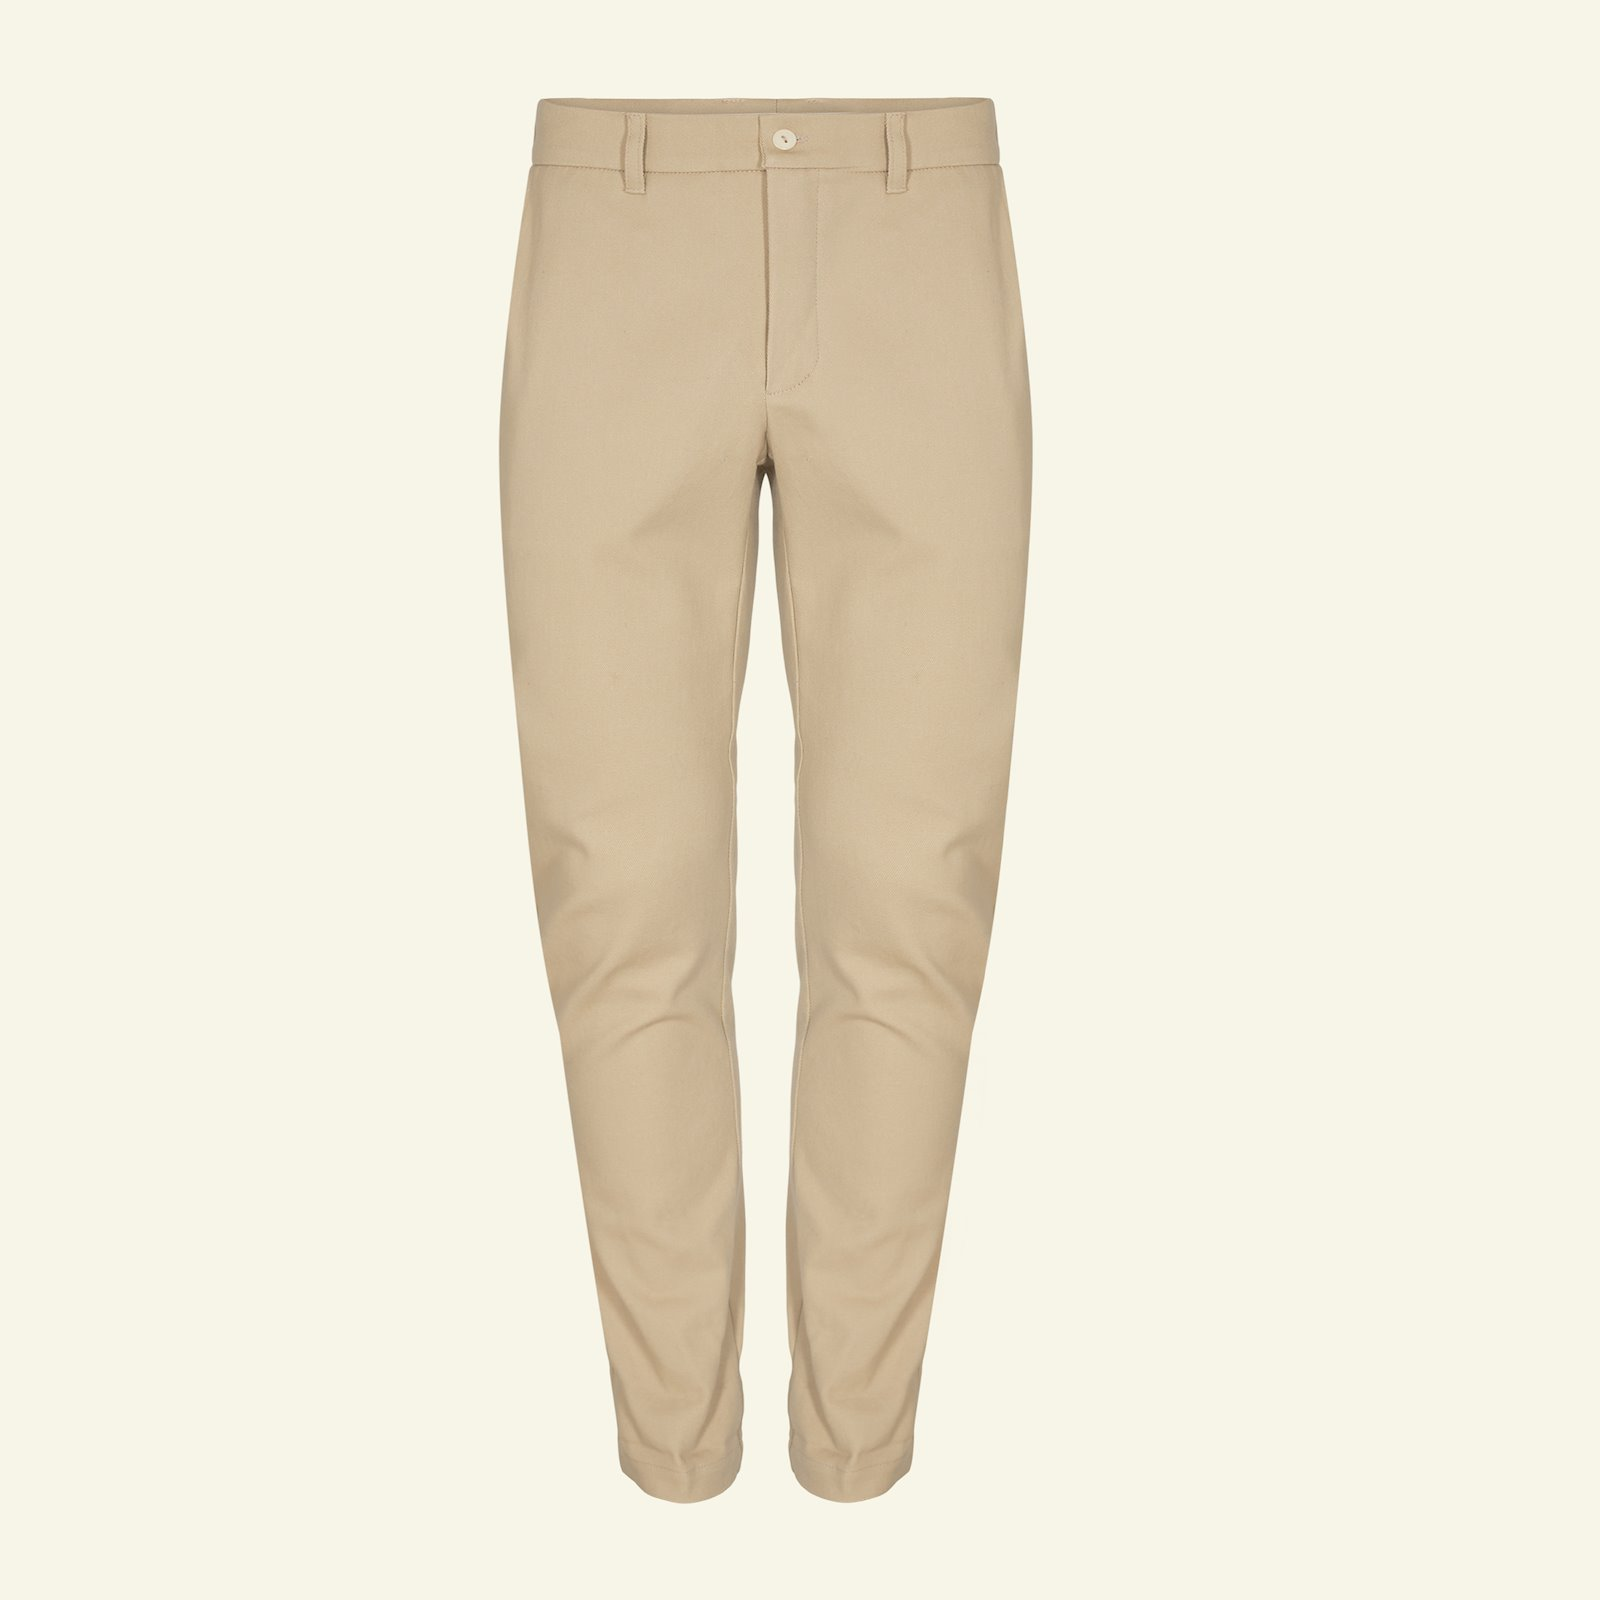 Chino trousers, 48 p85001_460842_sskit